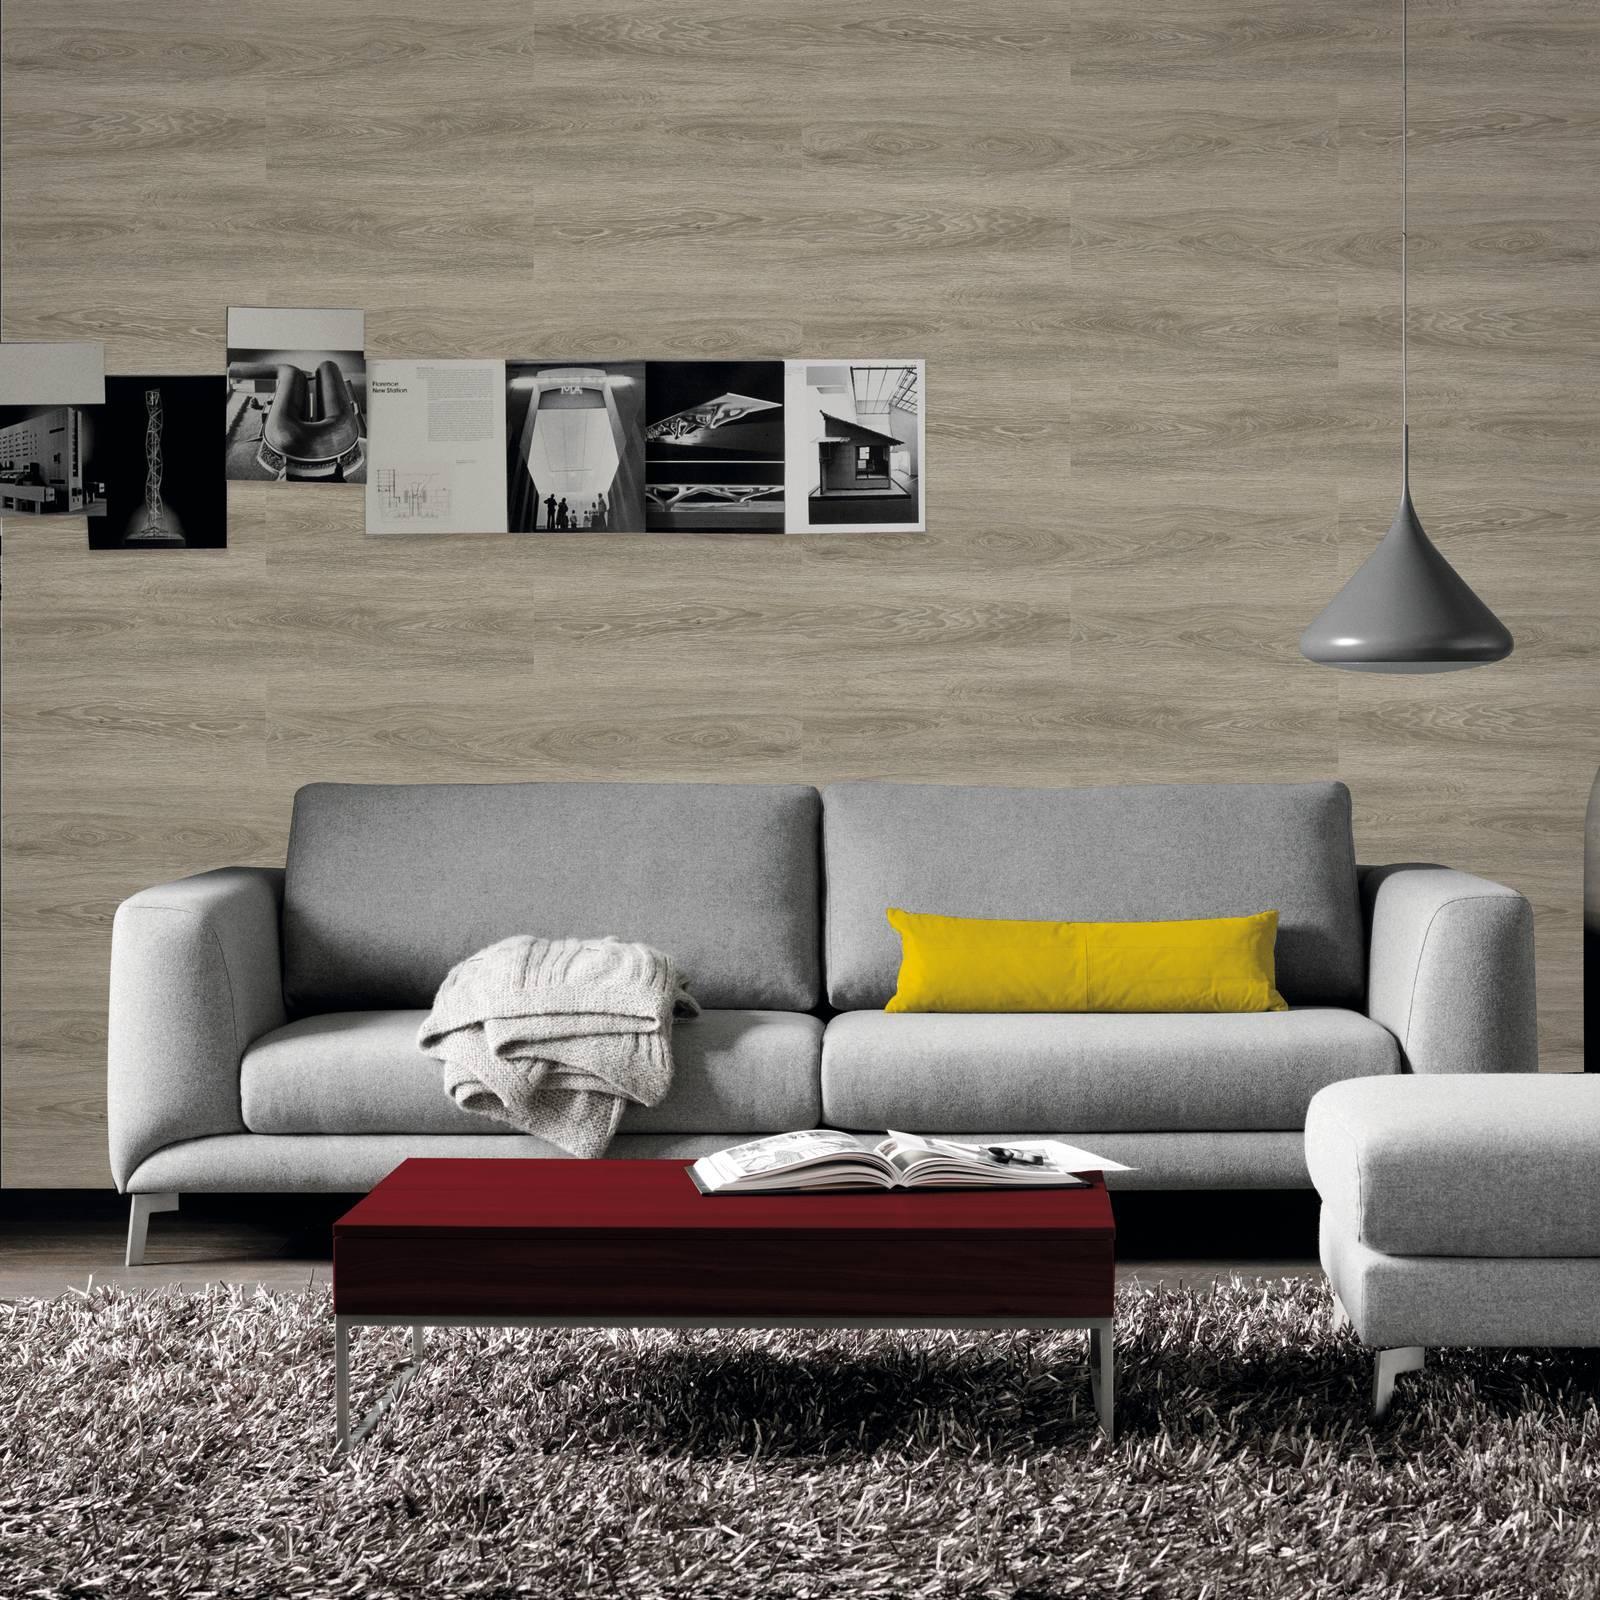 Carte da parati per la parete dietro divano cose di casa for Carta di parati